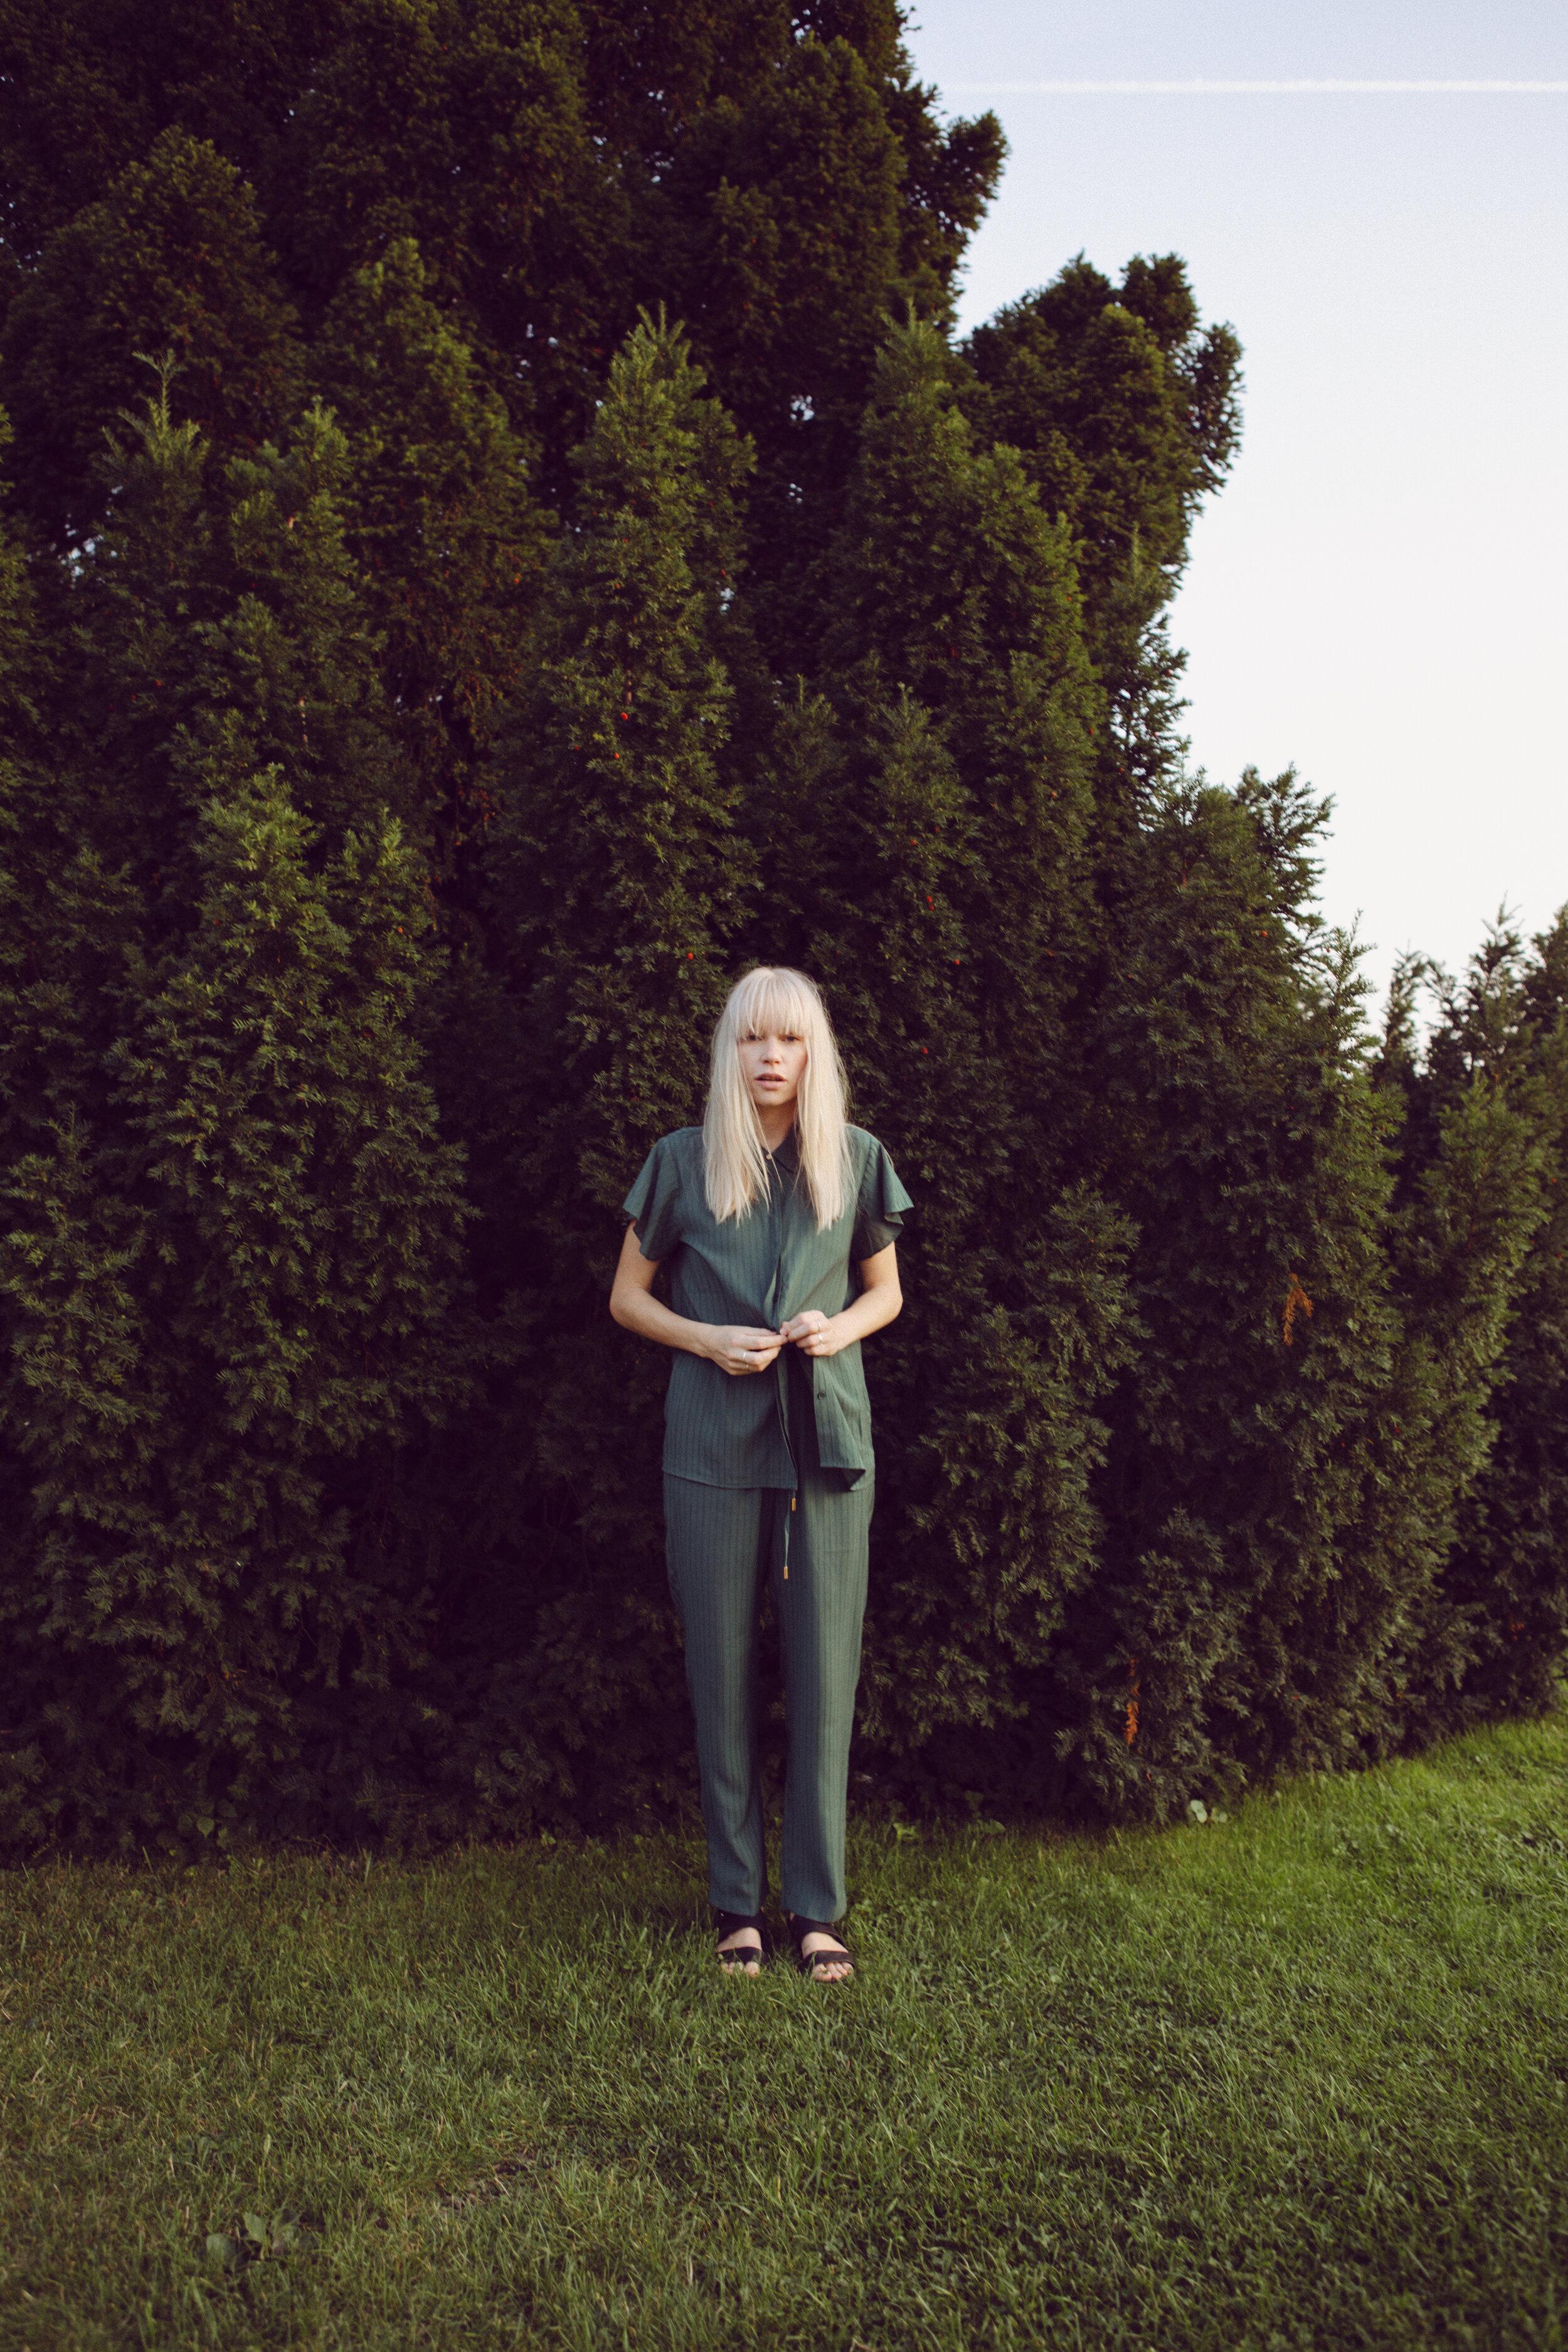 Green short sleeve shirt: Minus